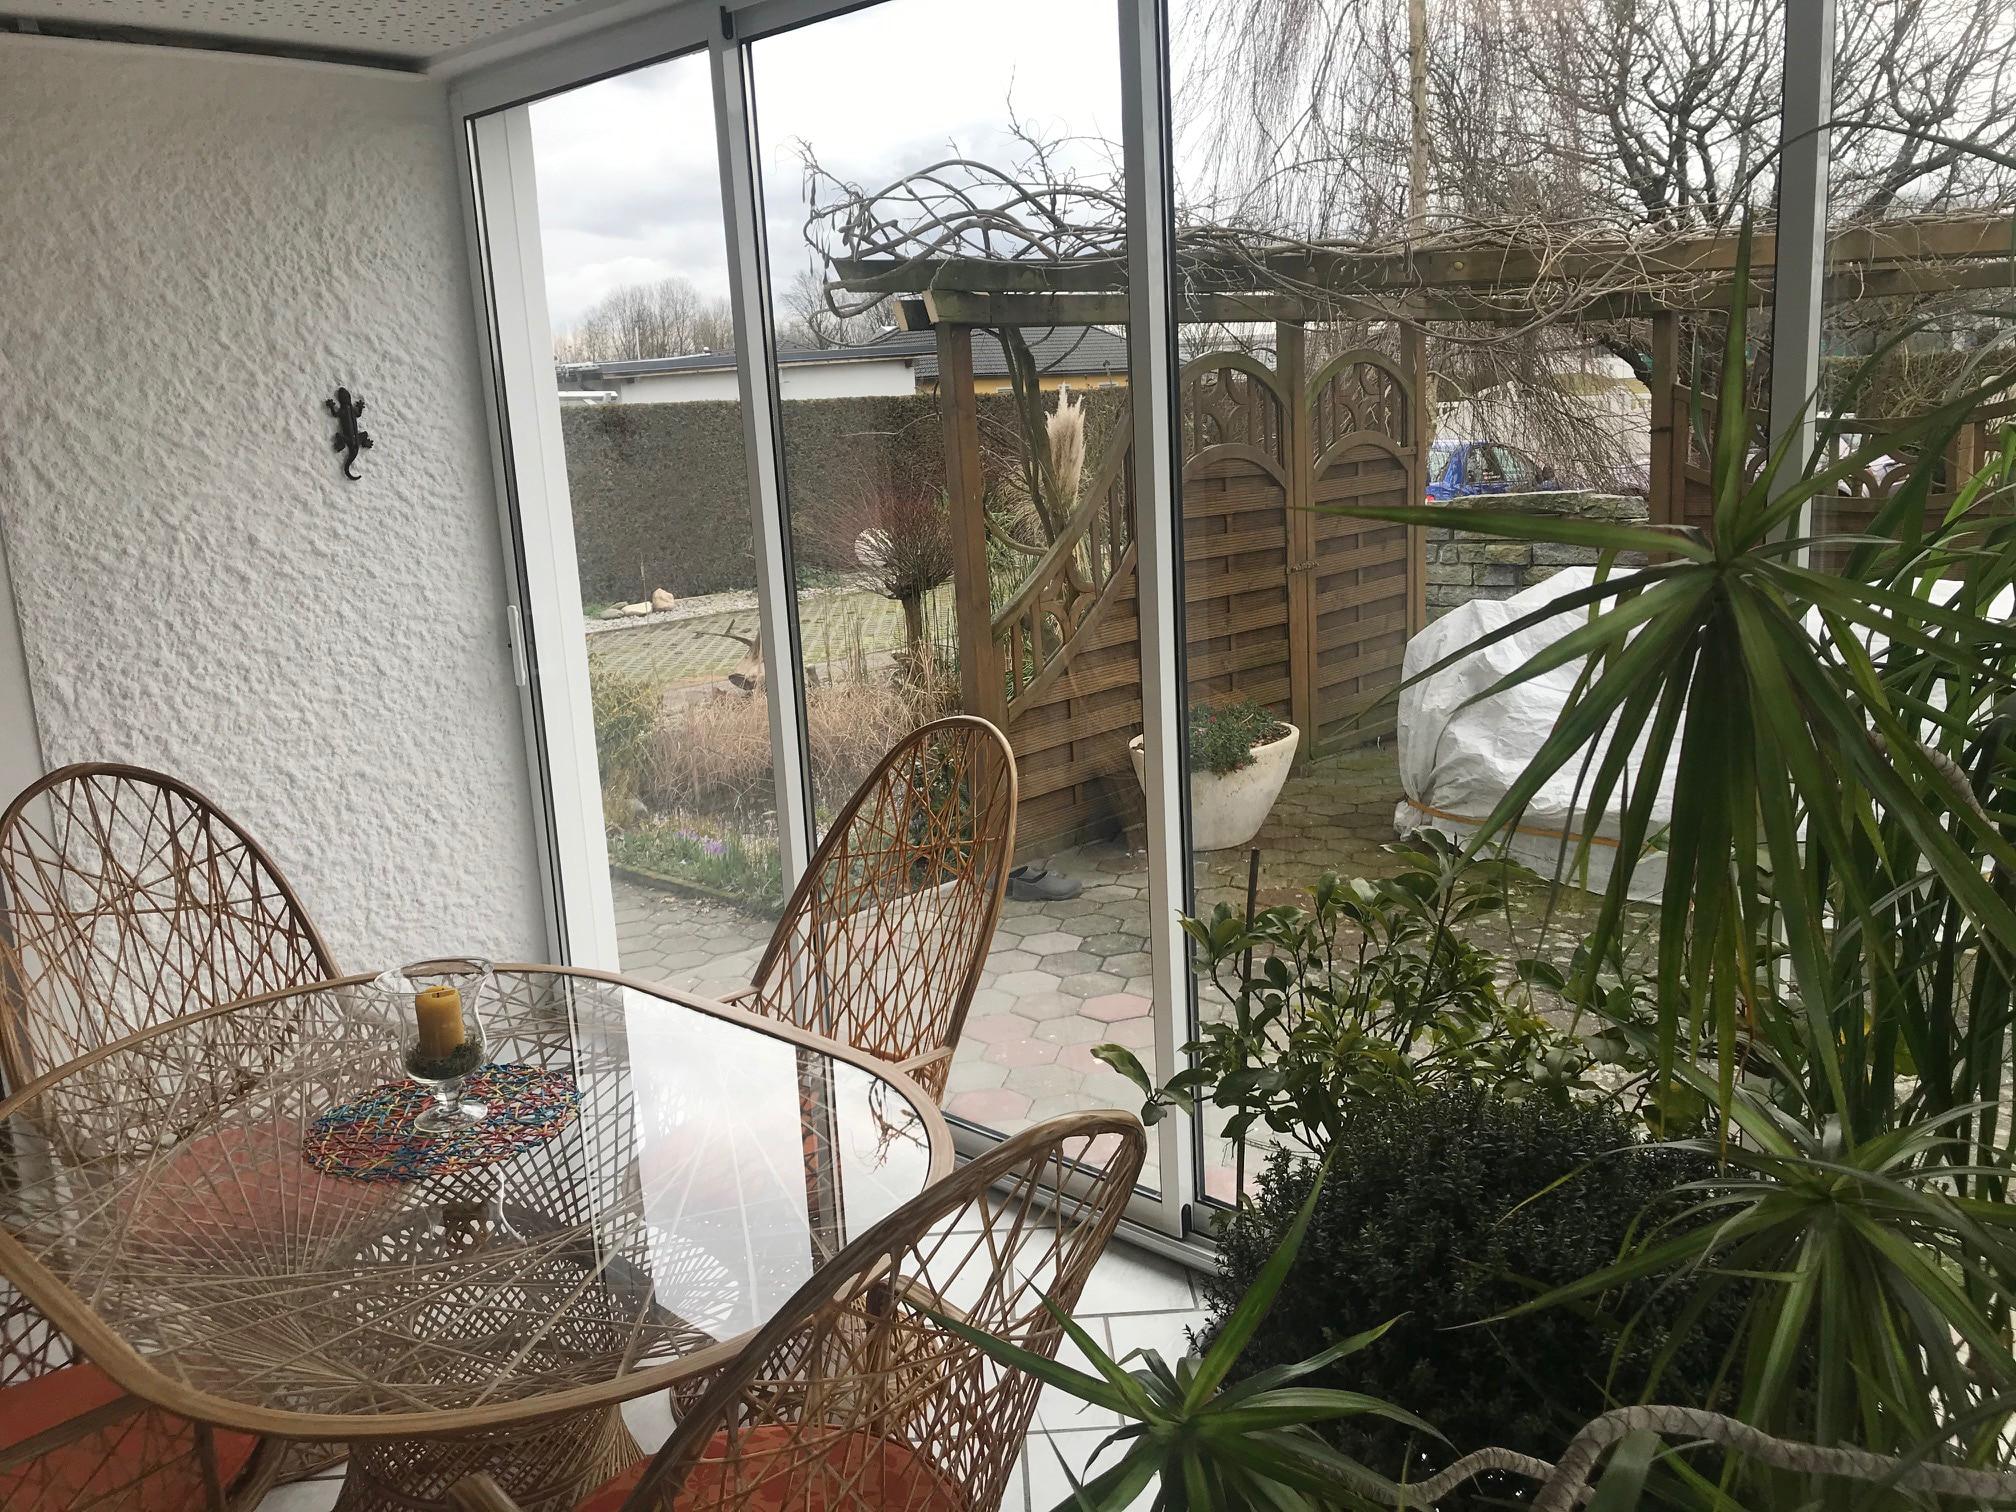 Schiebetüren außen Terrasse - Aluminium